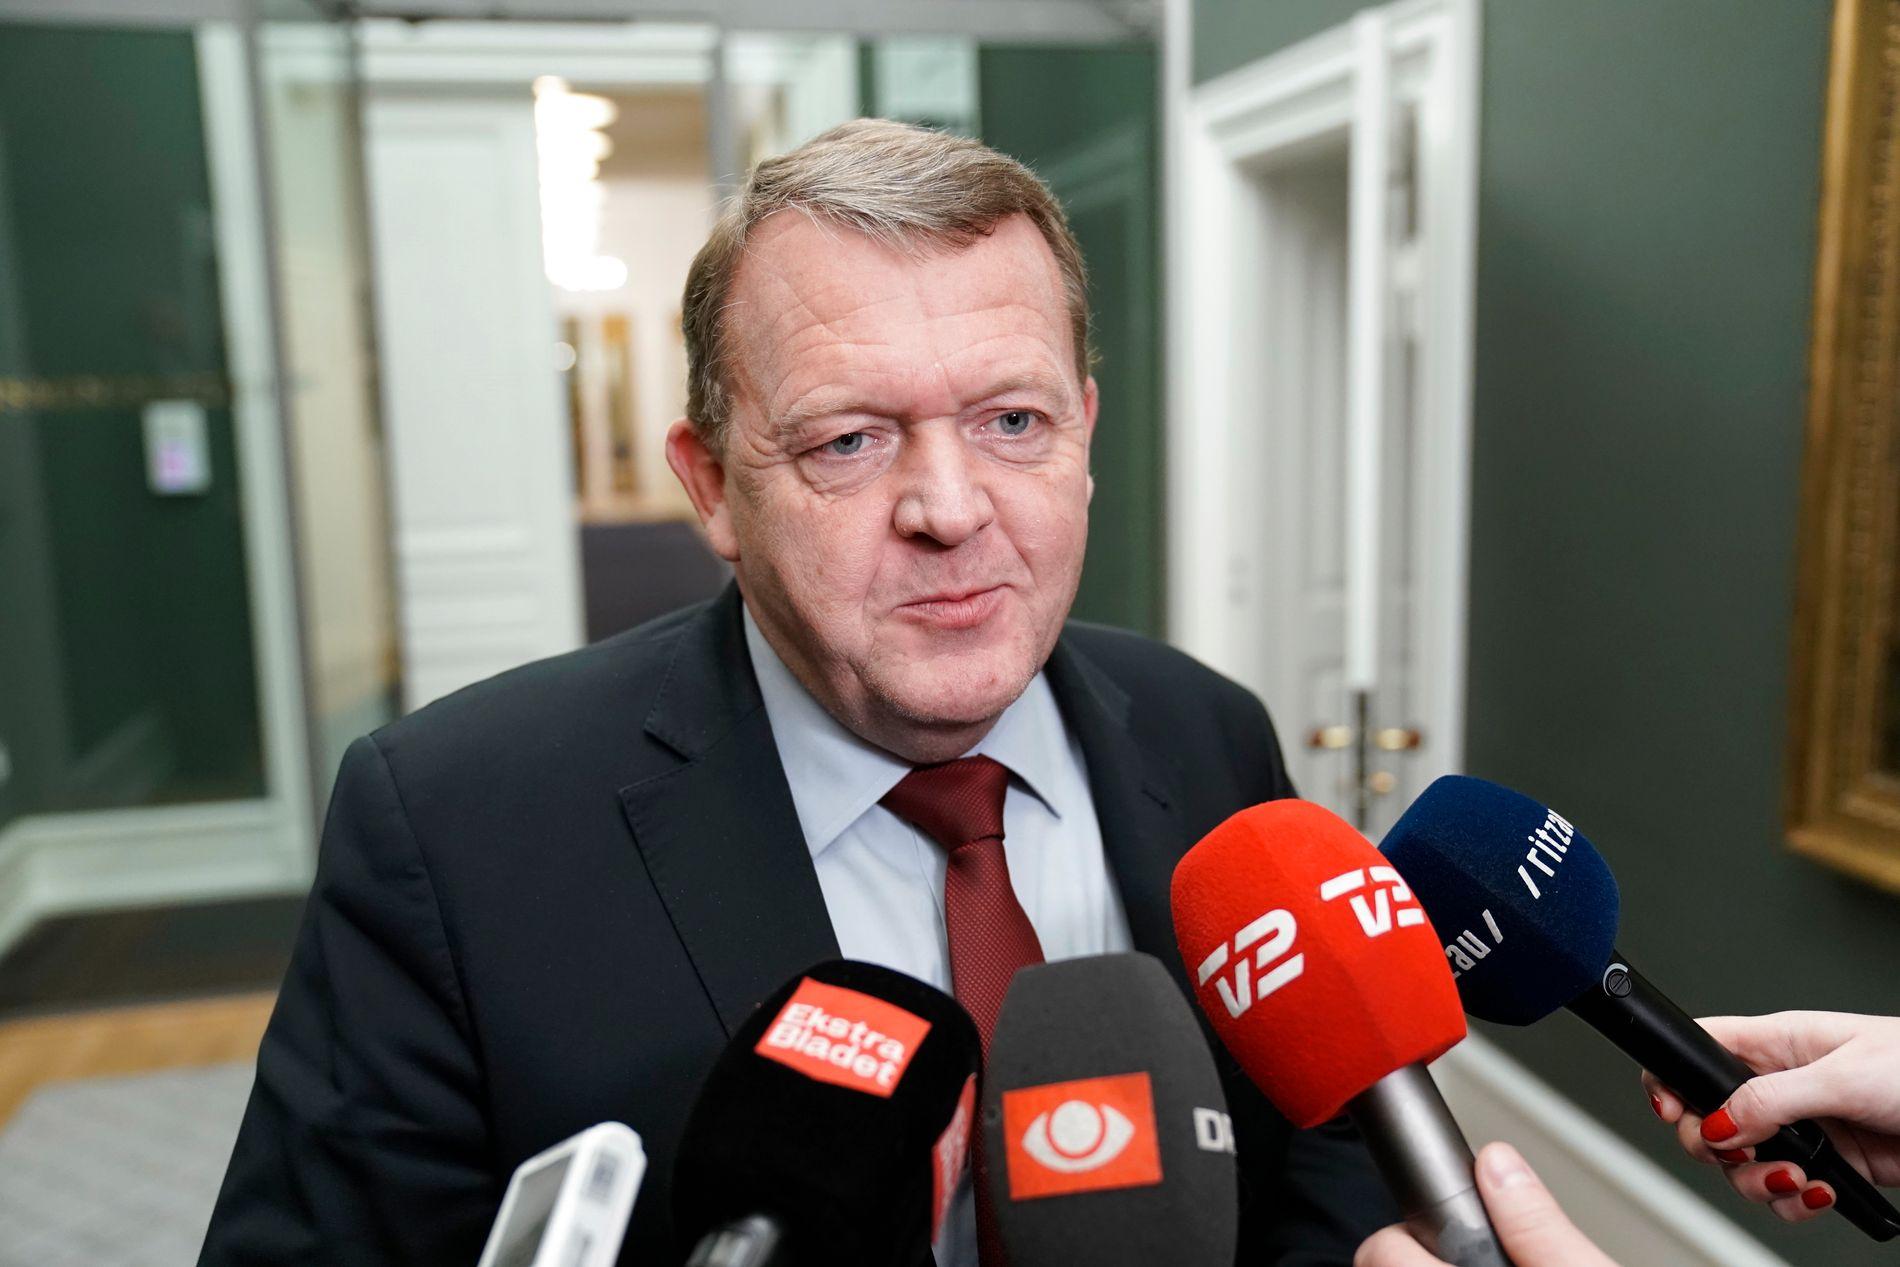 Statsminister Lars Løkke Rasmussen mener at regjeringens forslag vi bidra til at det ikke lenger kommer til å finnes såkalte gettoer, eller utsatte boligområder, i 2030.